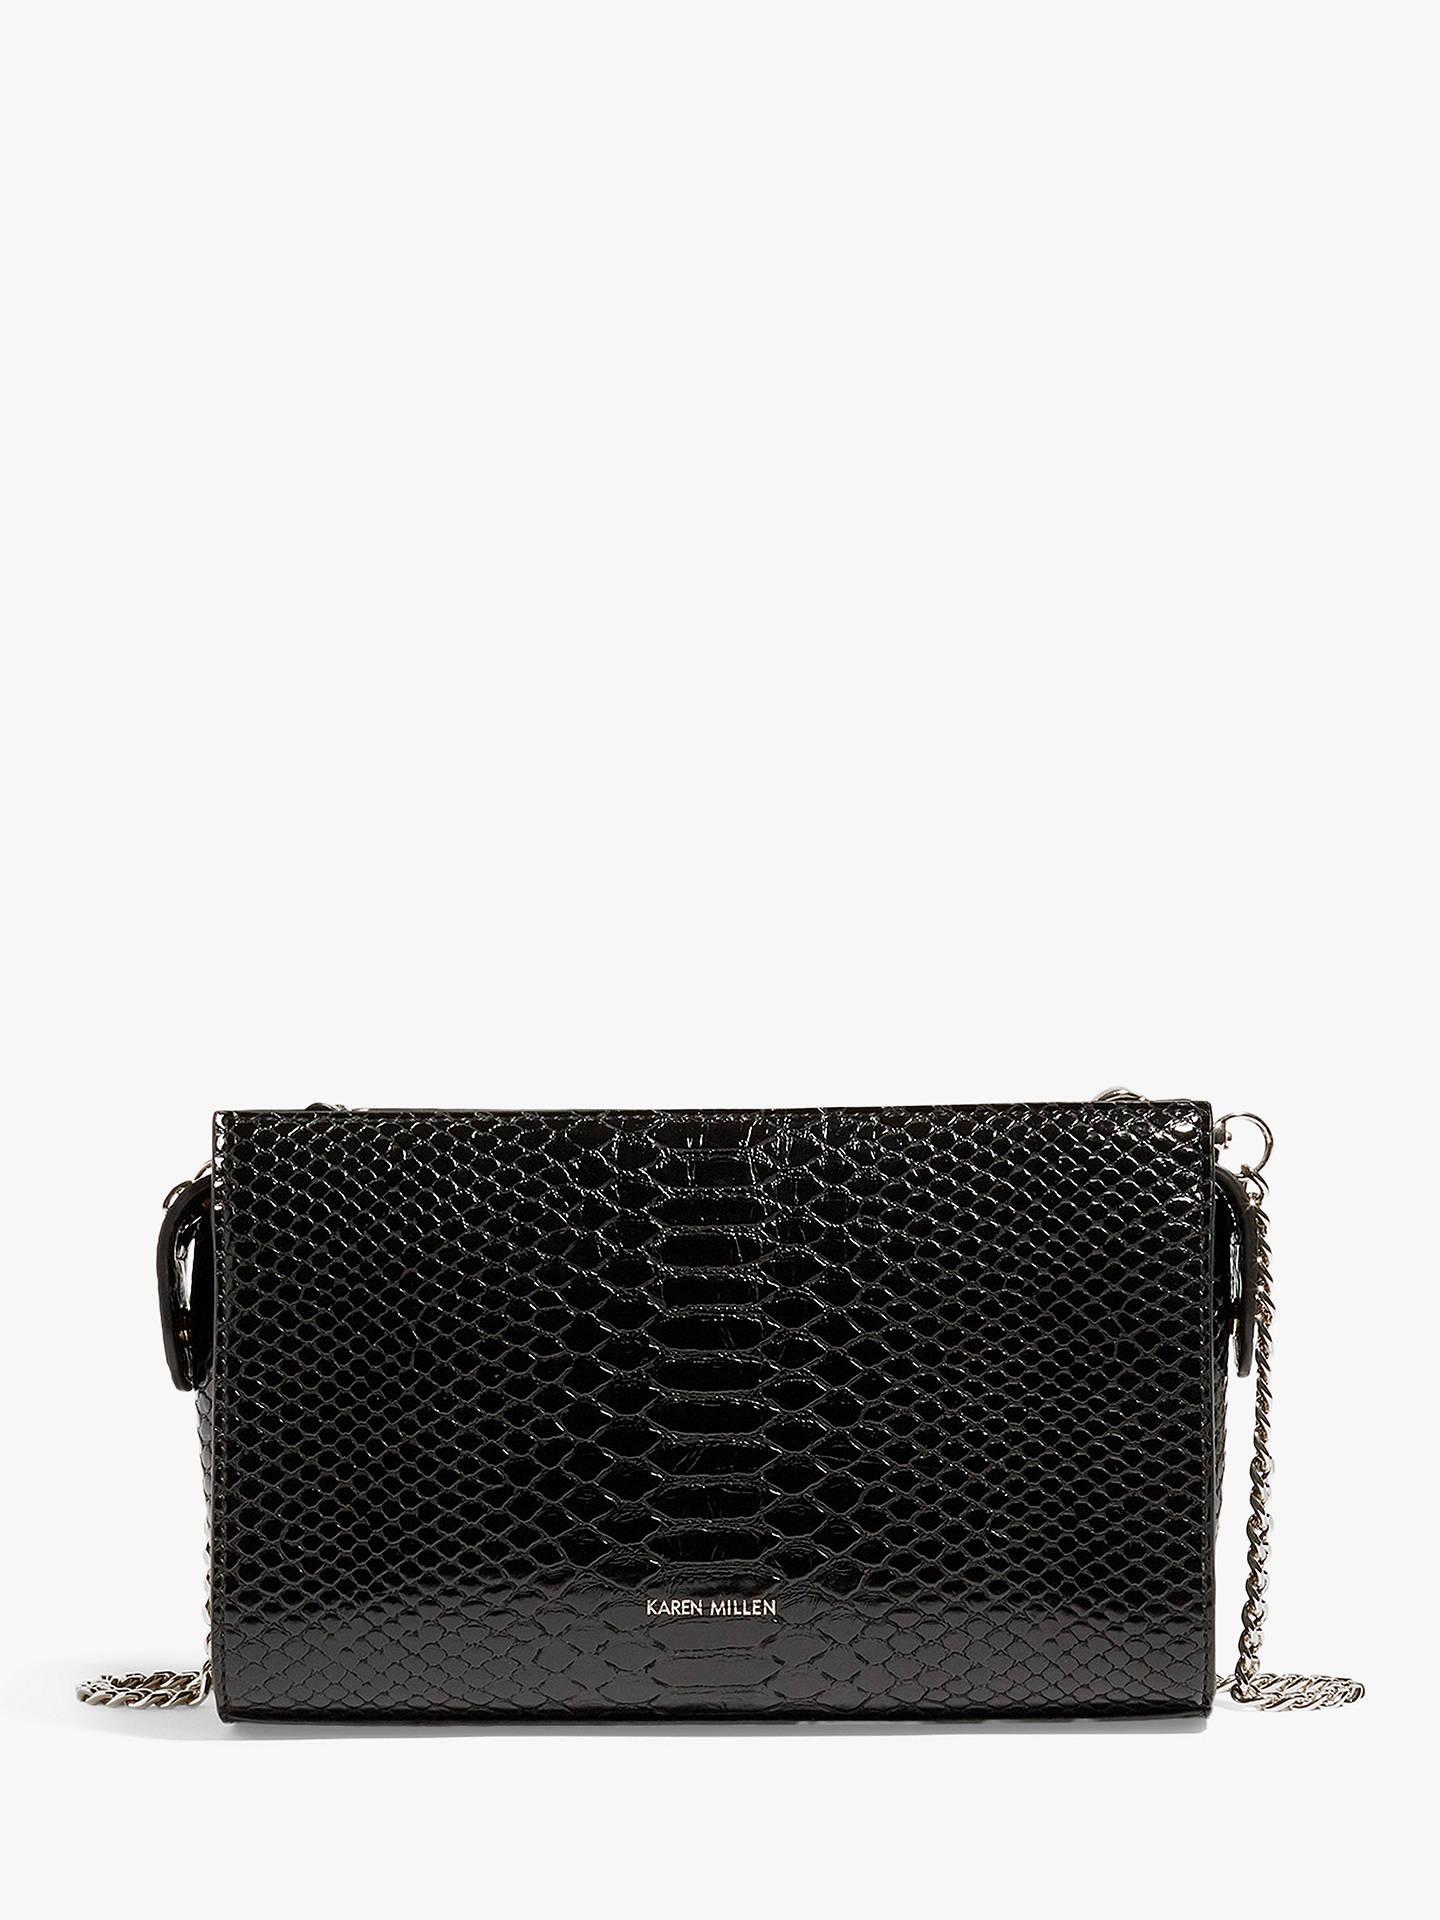 Karen Millen Faux Snakeskin Crossbody Bag, Black